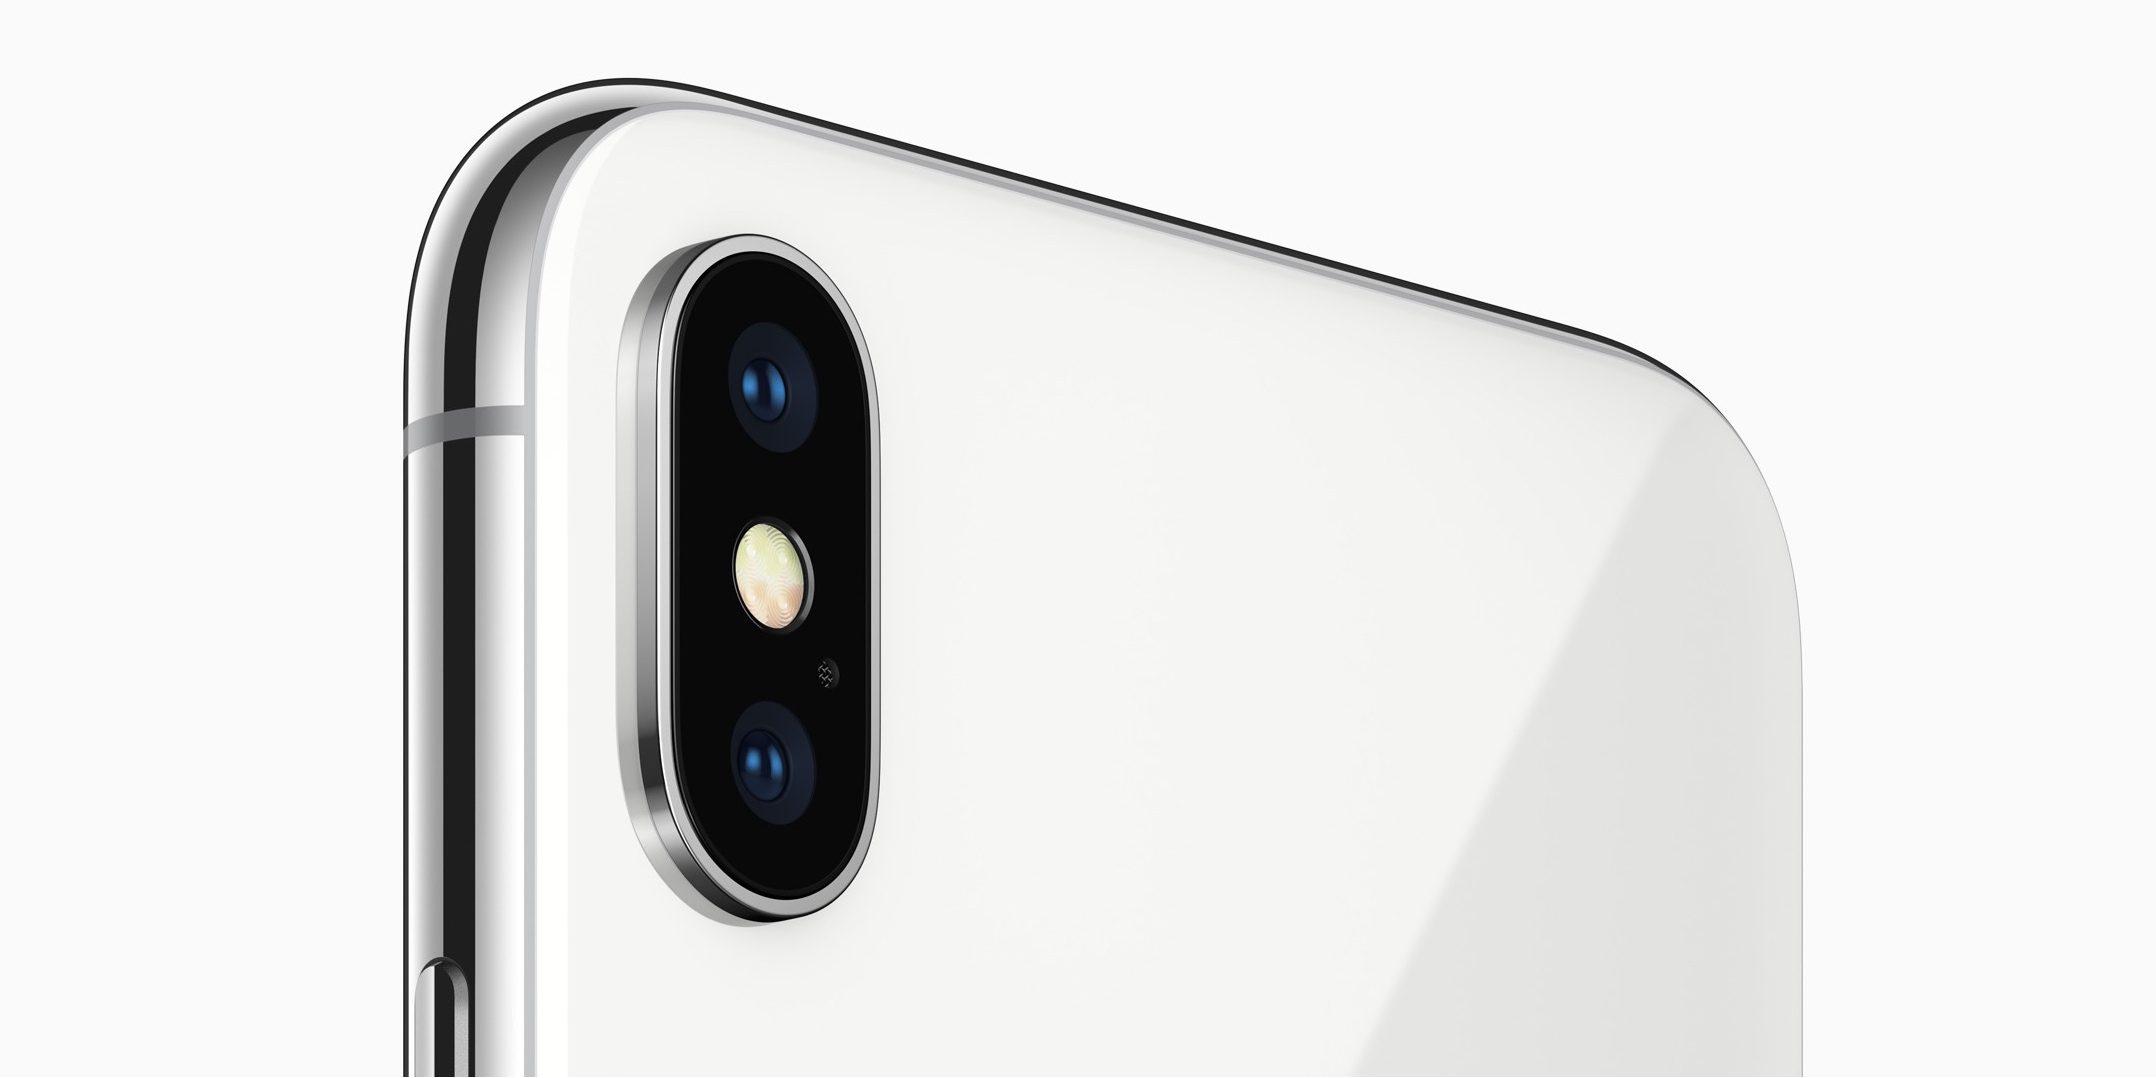 Kiderült, hogy mi lehet az idei iPhone-ok nagy dobása